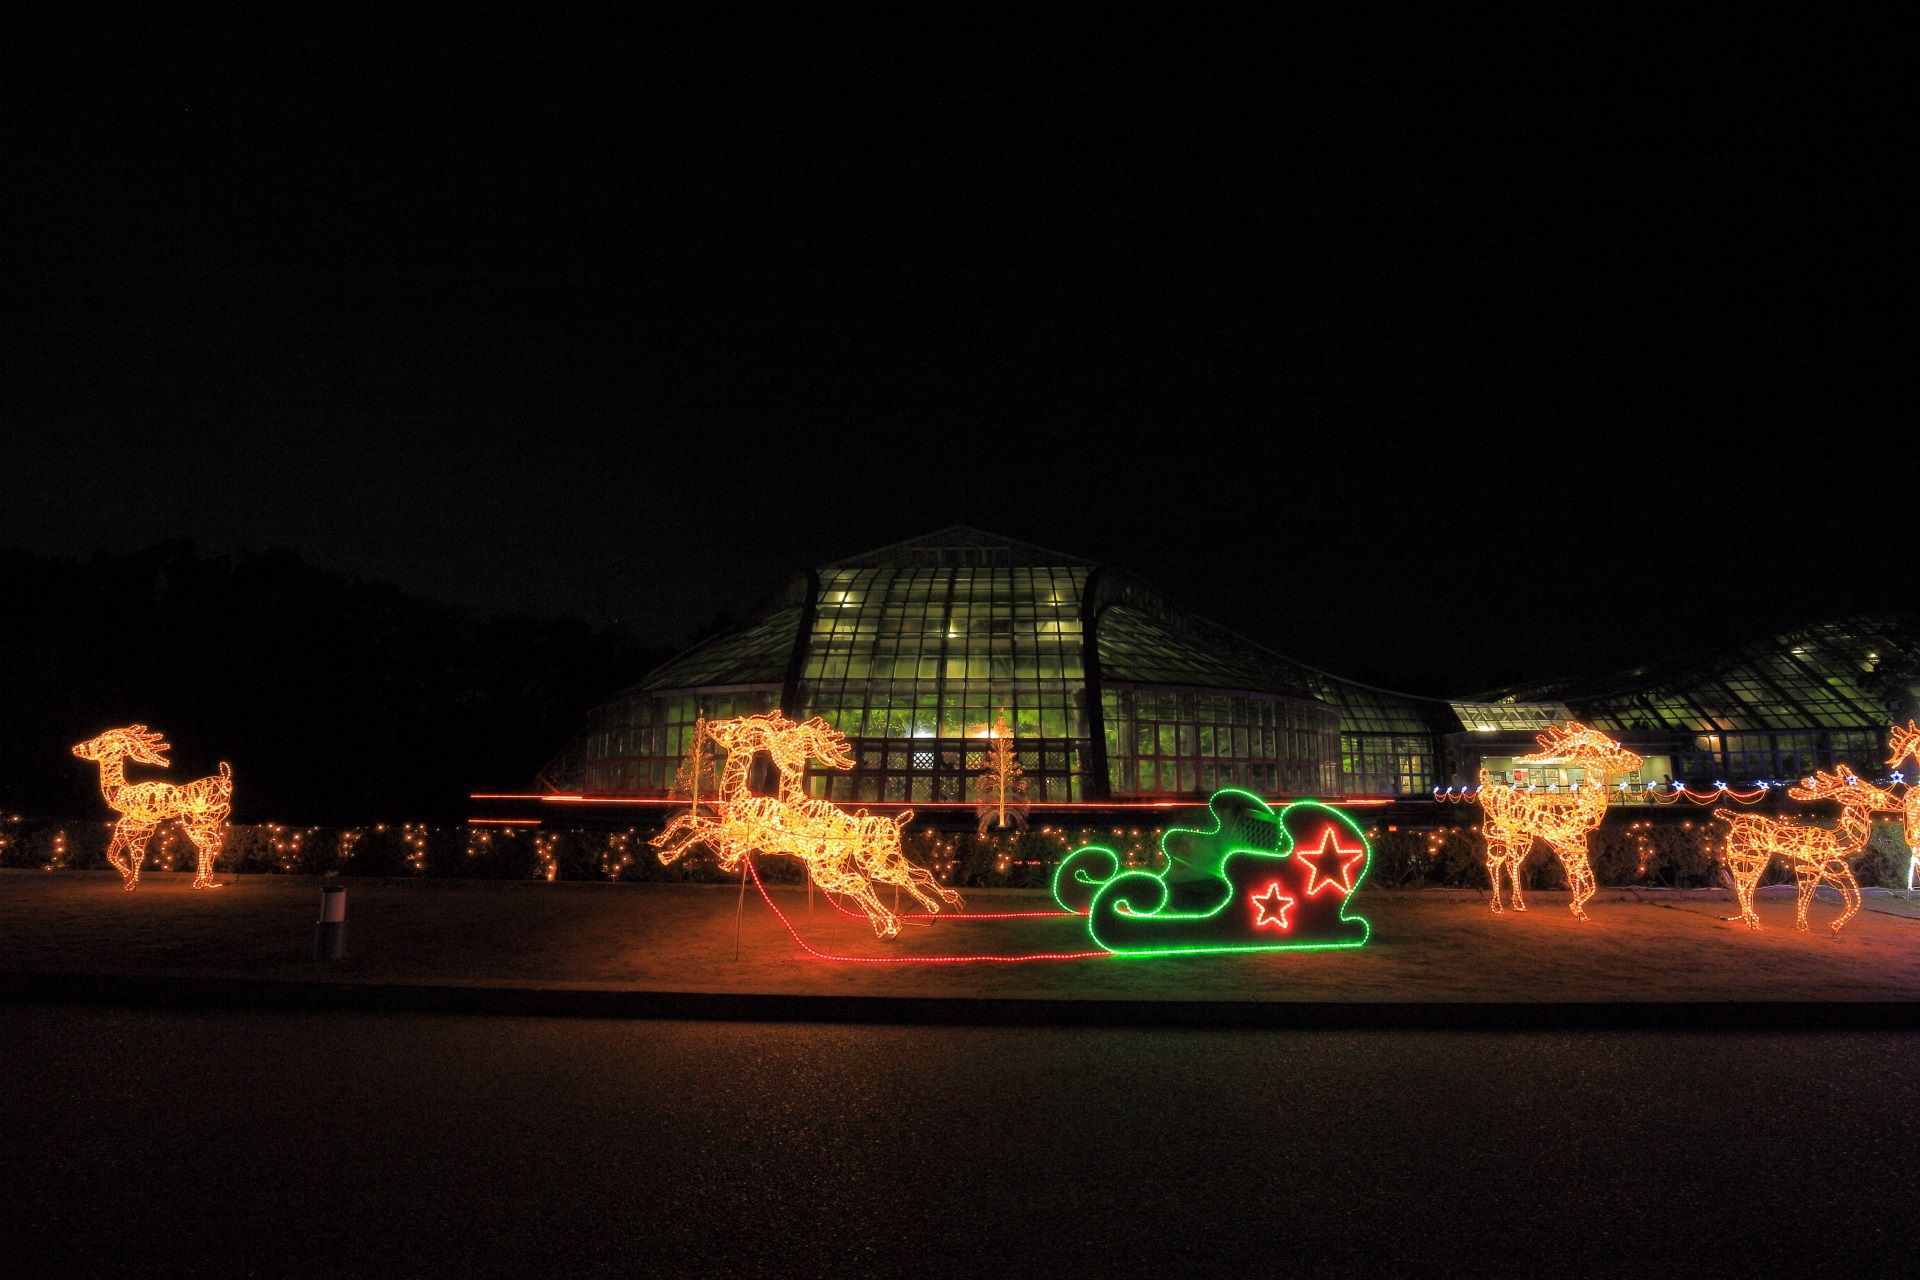 府立植物園のソリとトナカイのイルミネーション